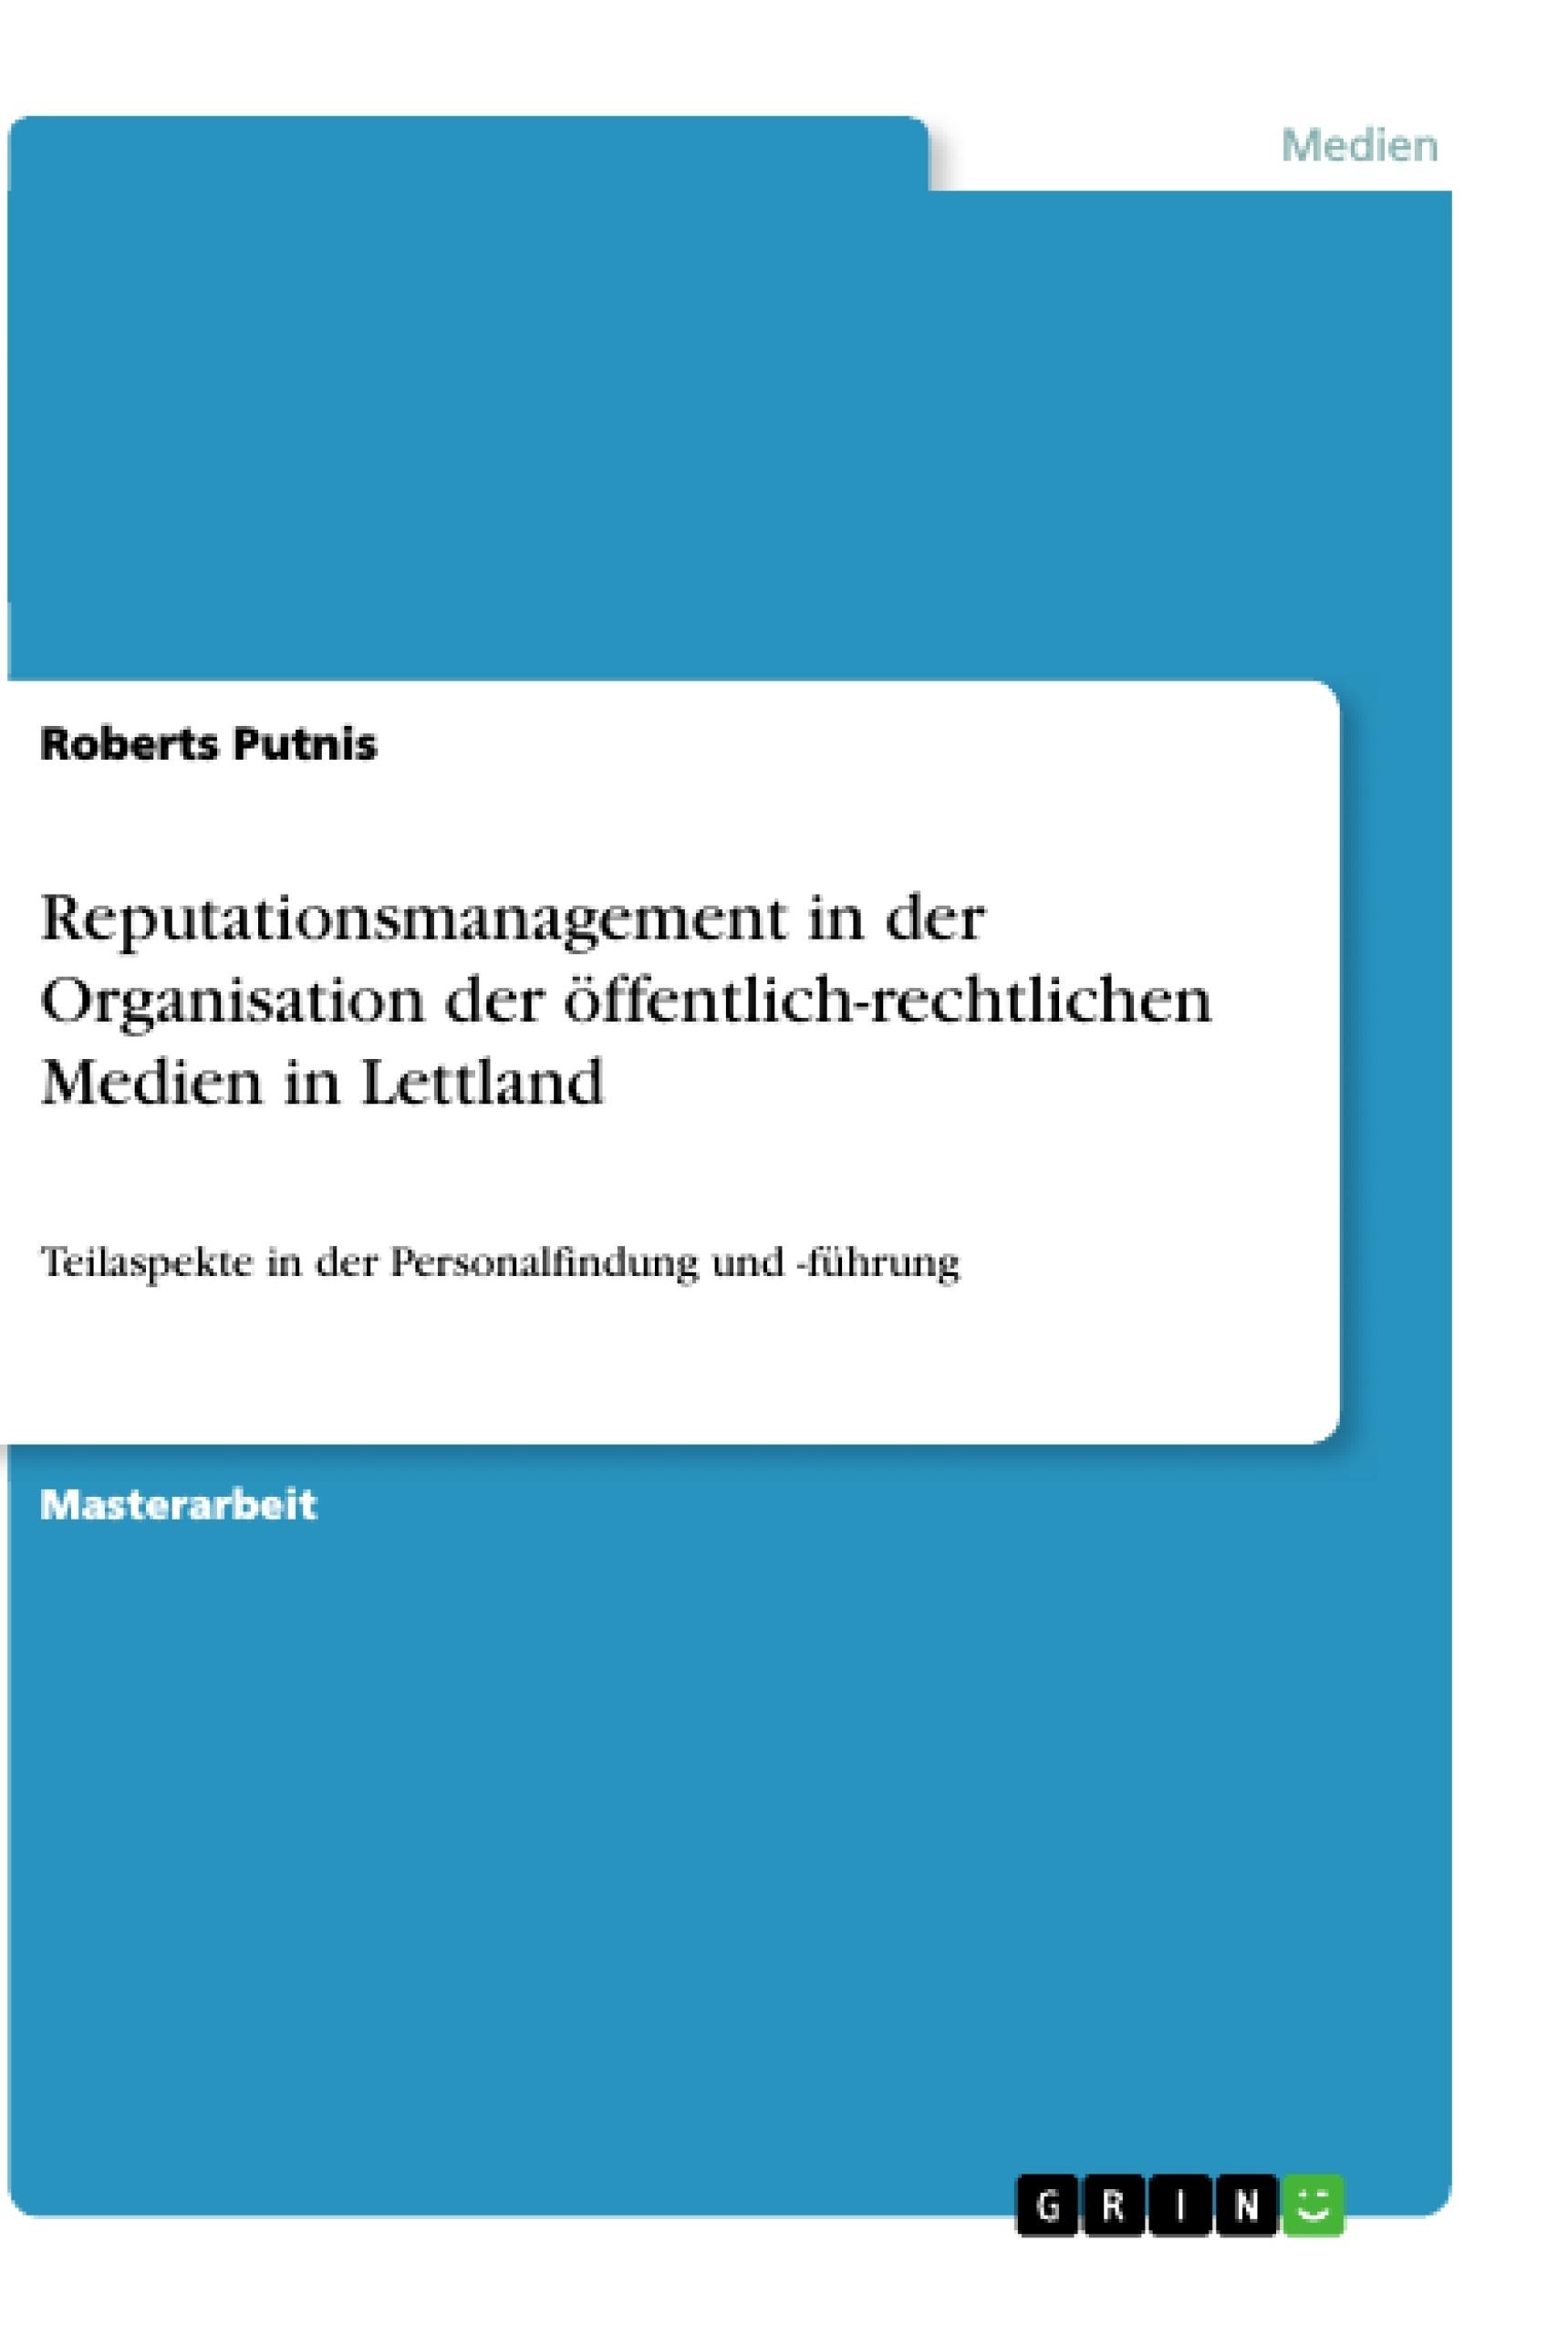 Titel: Reputationsmanagement in der Organisation der öffentlich-rechtlichen Medien in Lettland